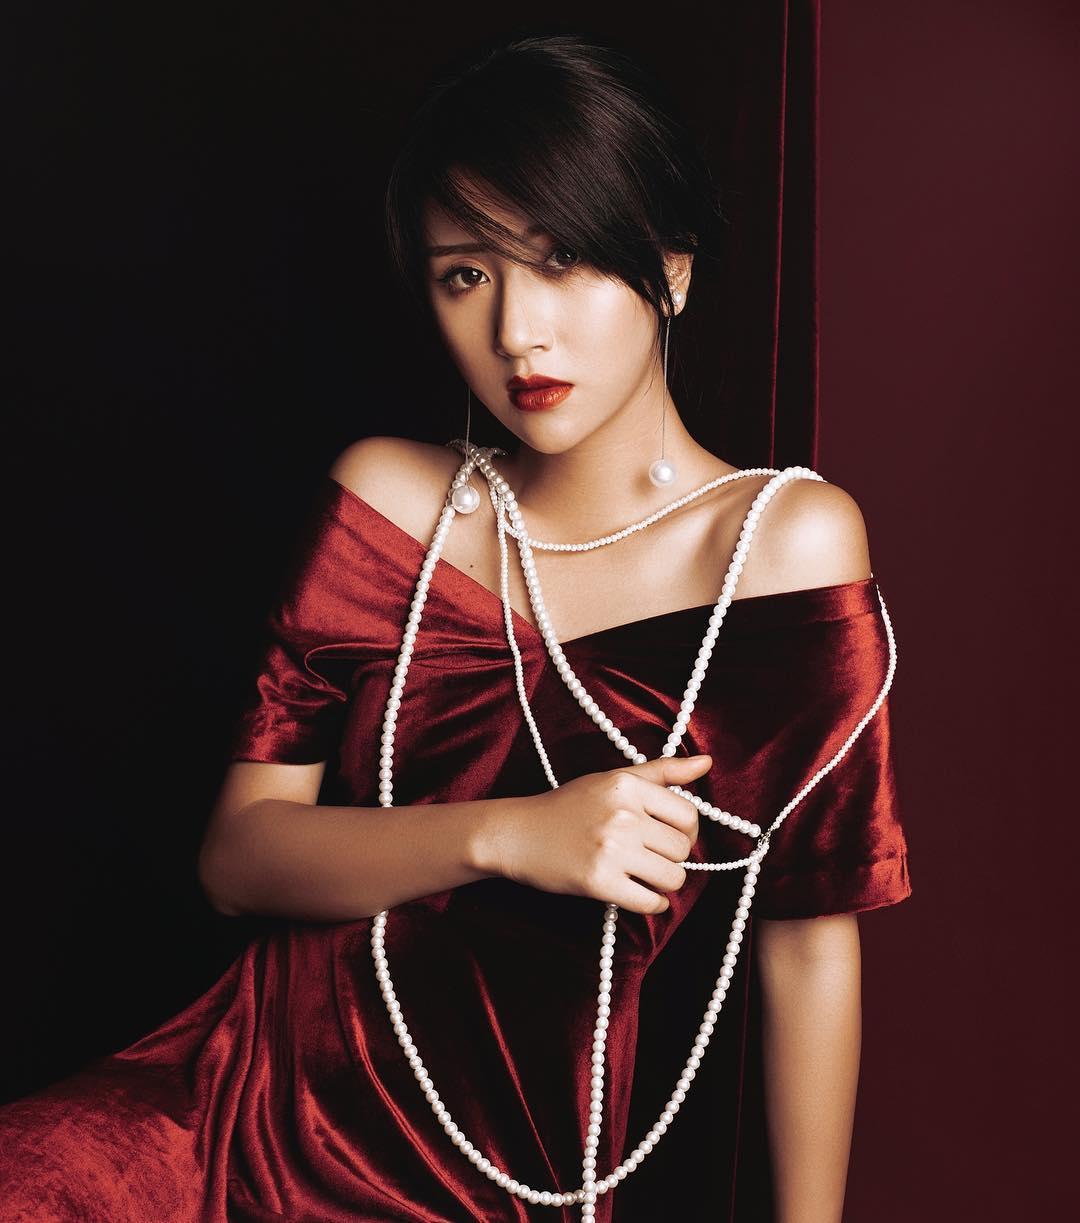 """Quỳnh Anh Shyn sexy với áo tắm khoét hông """"hiểm hóc"""" - 11"""